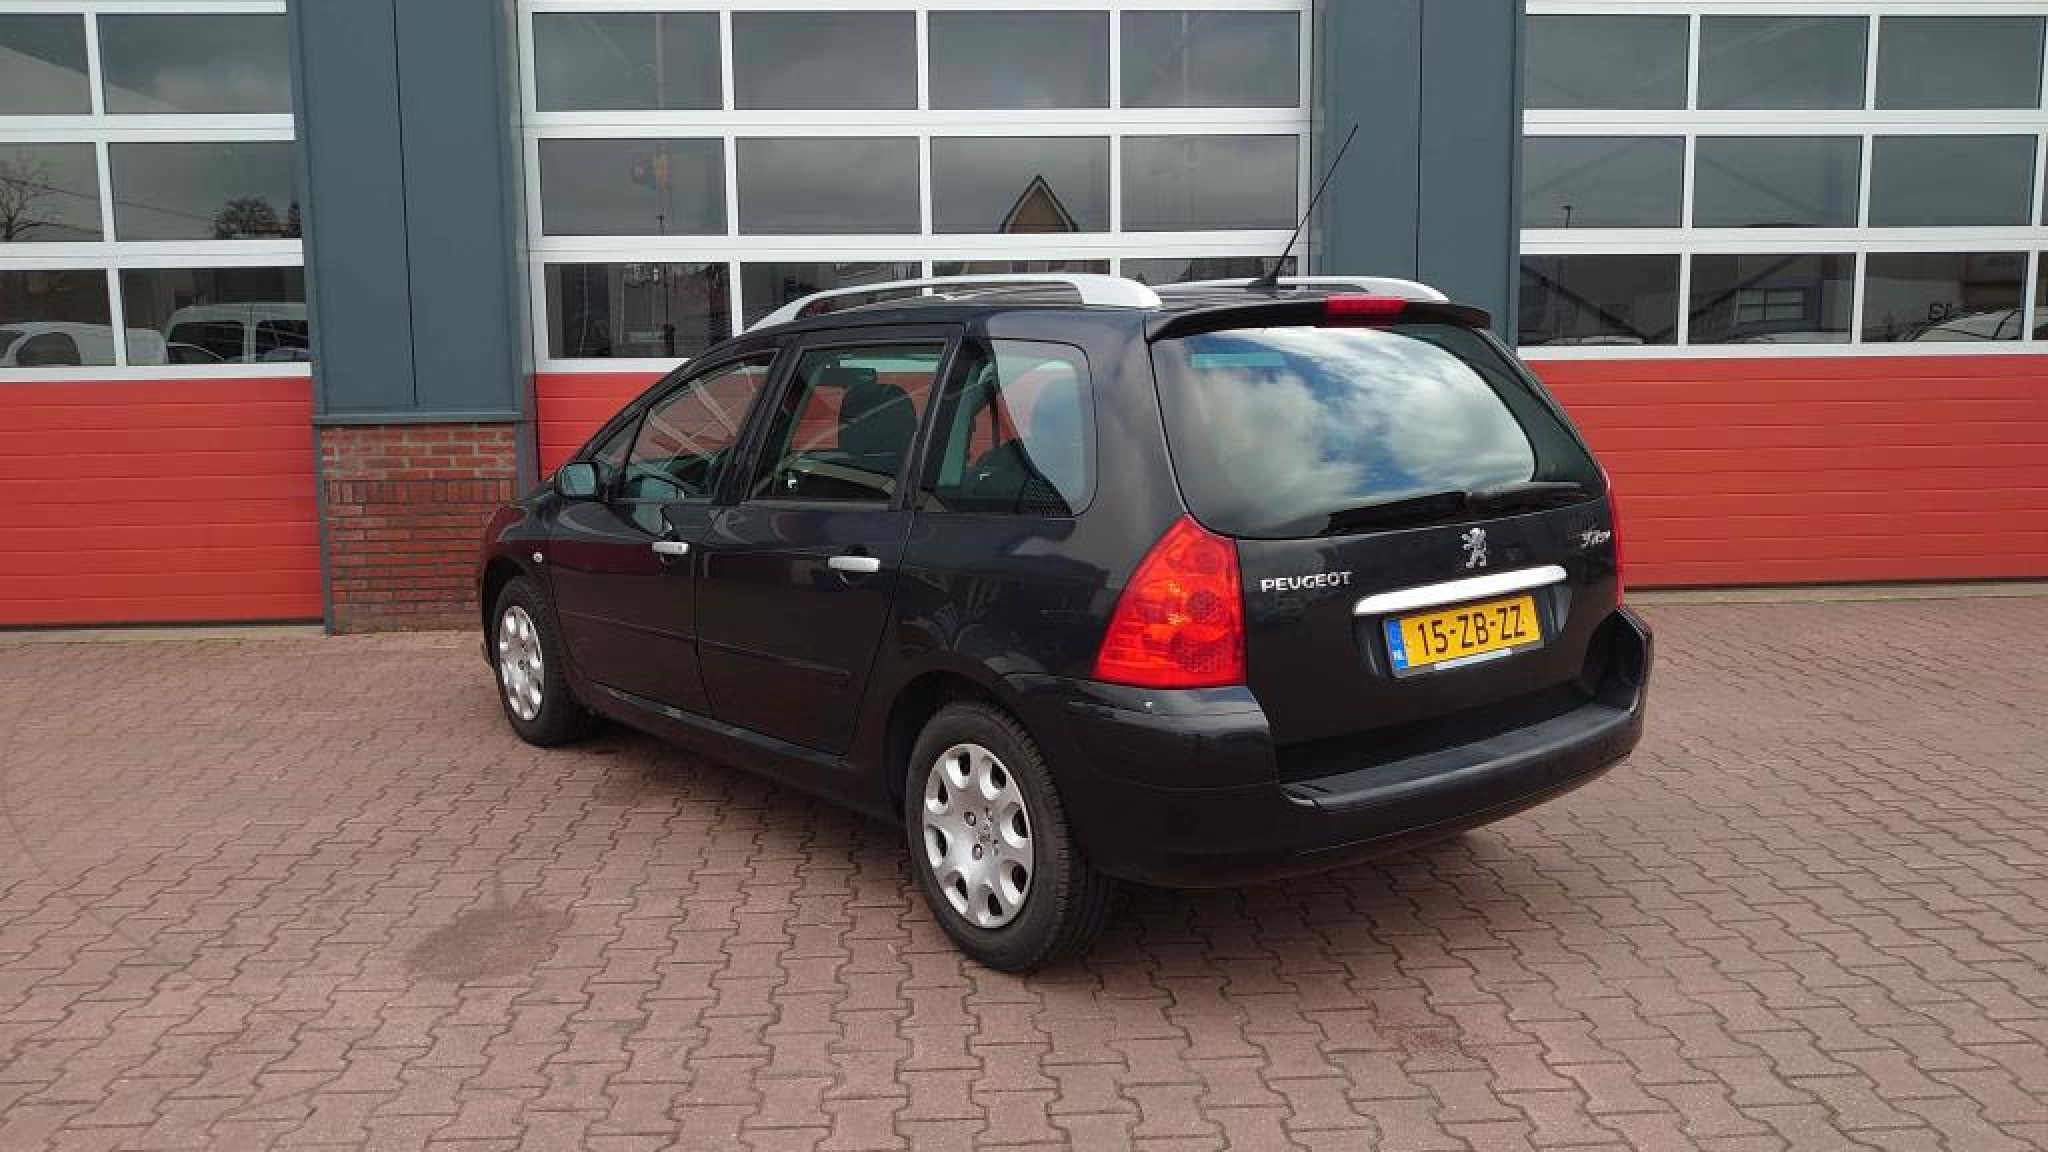 Peugeot-307-3